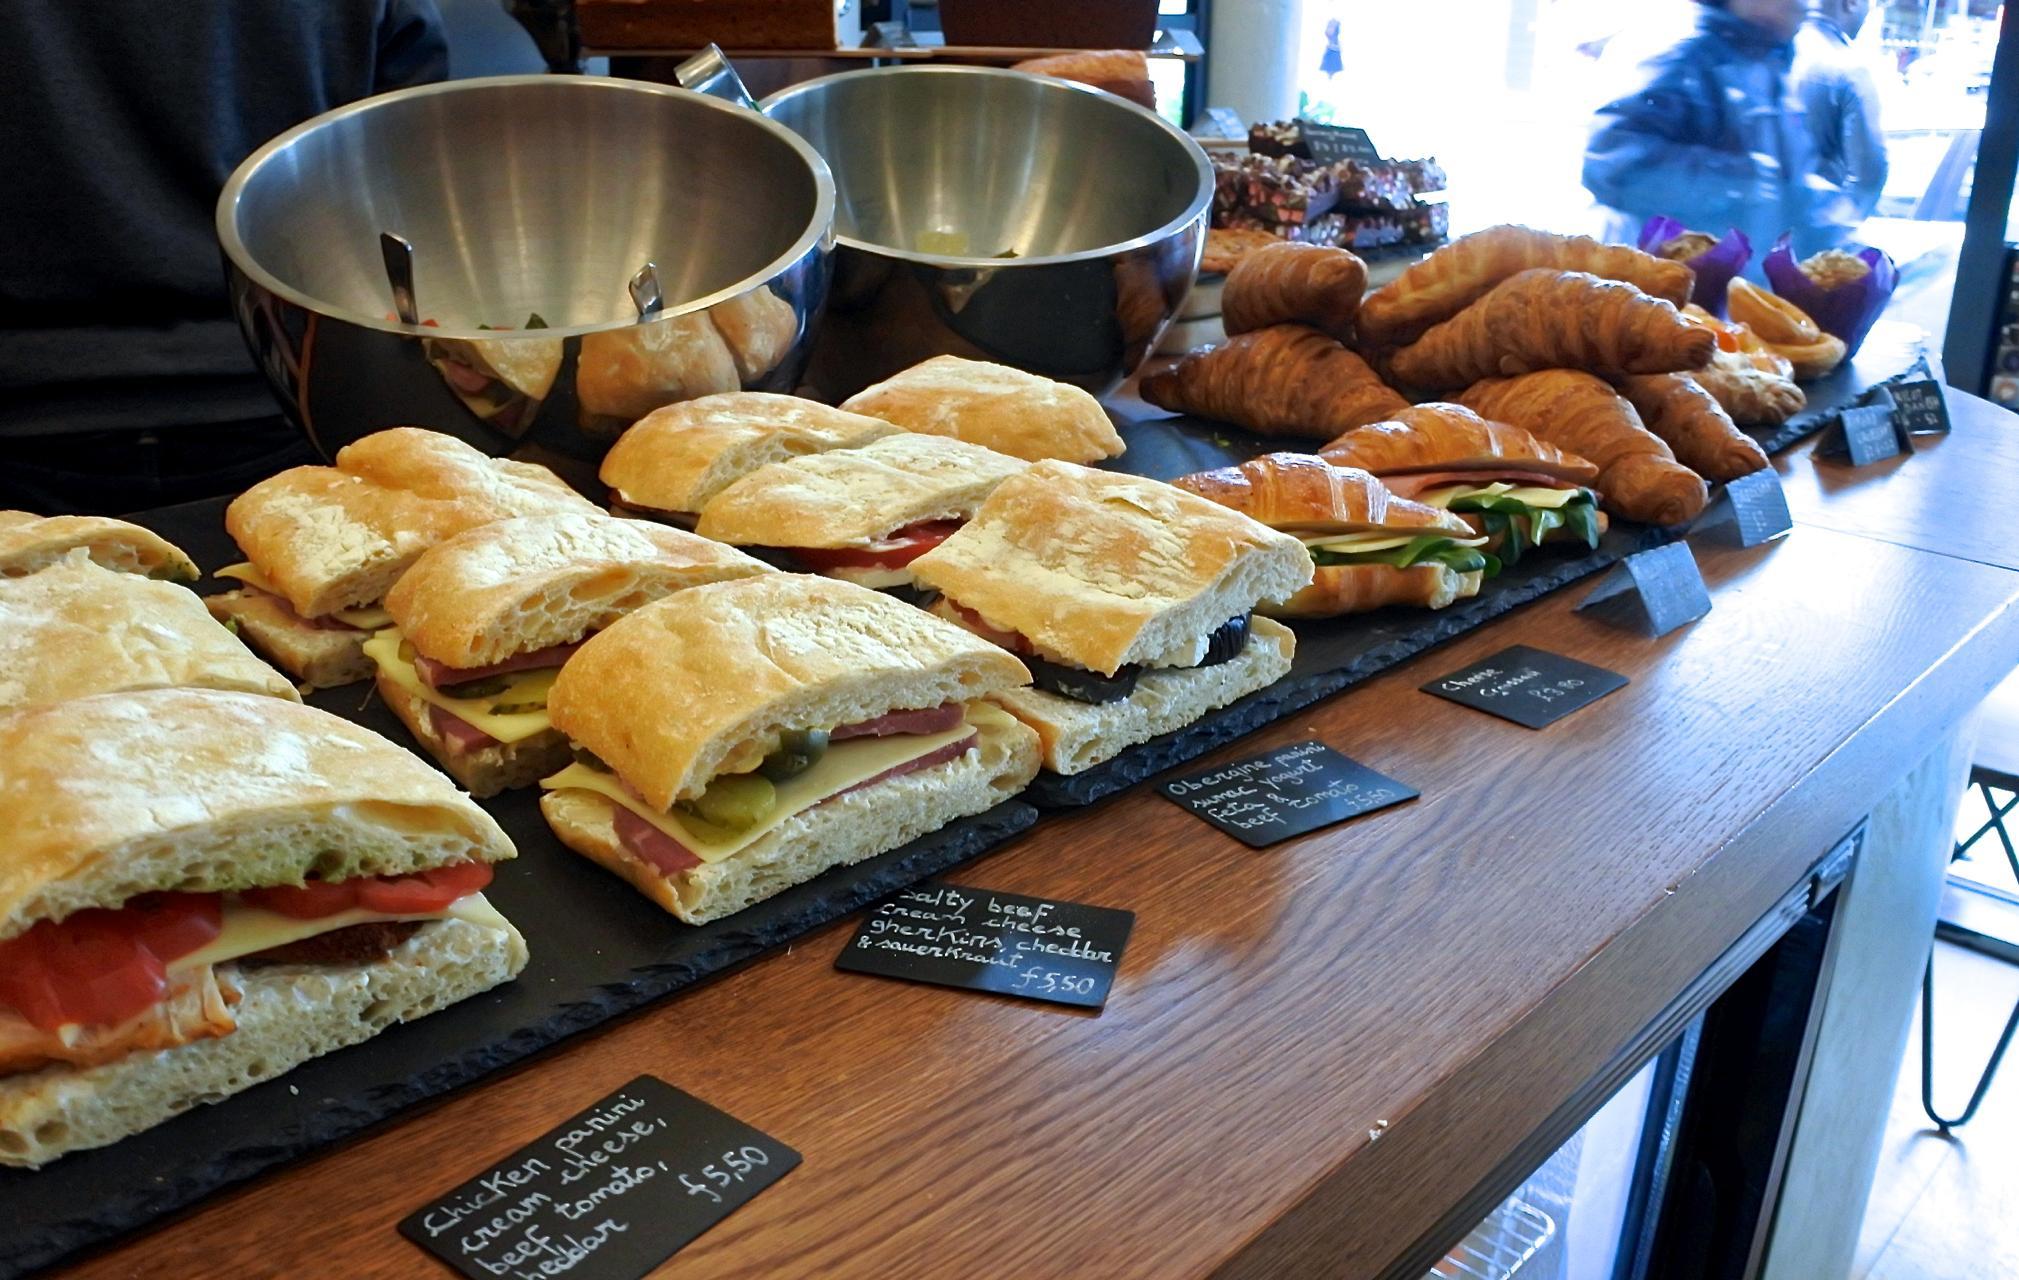 フィリングも丁寧に調理されているサンドイッチ類